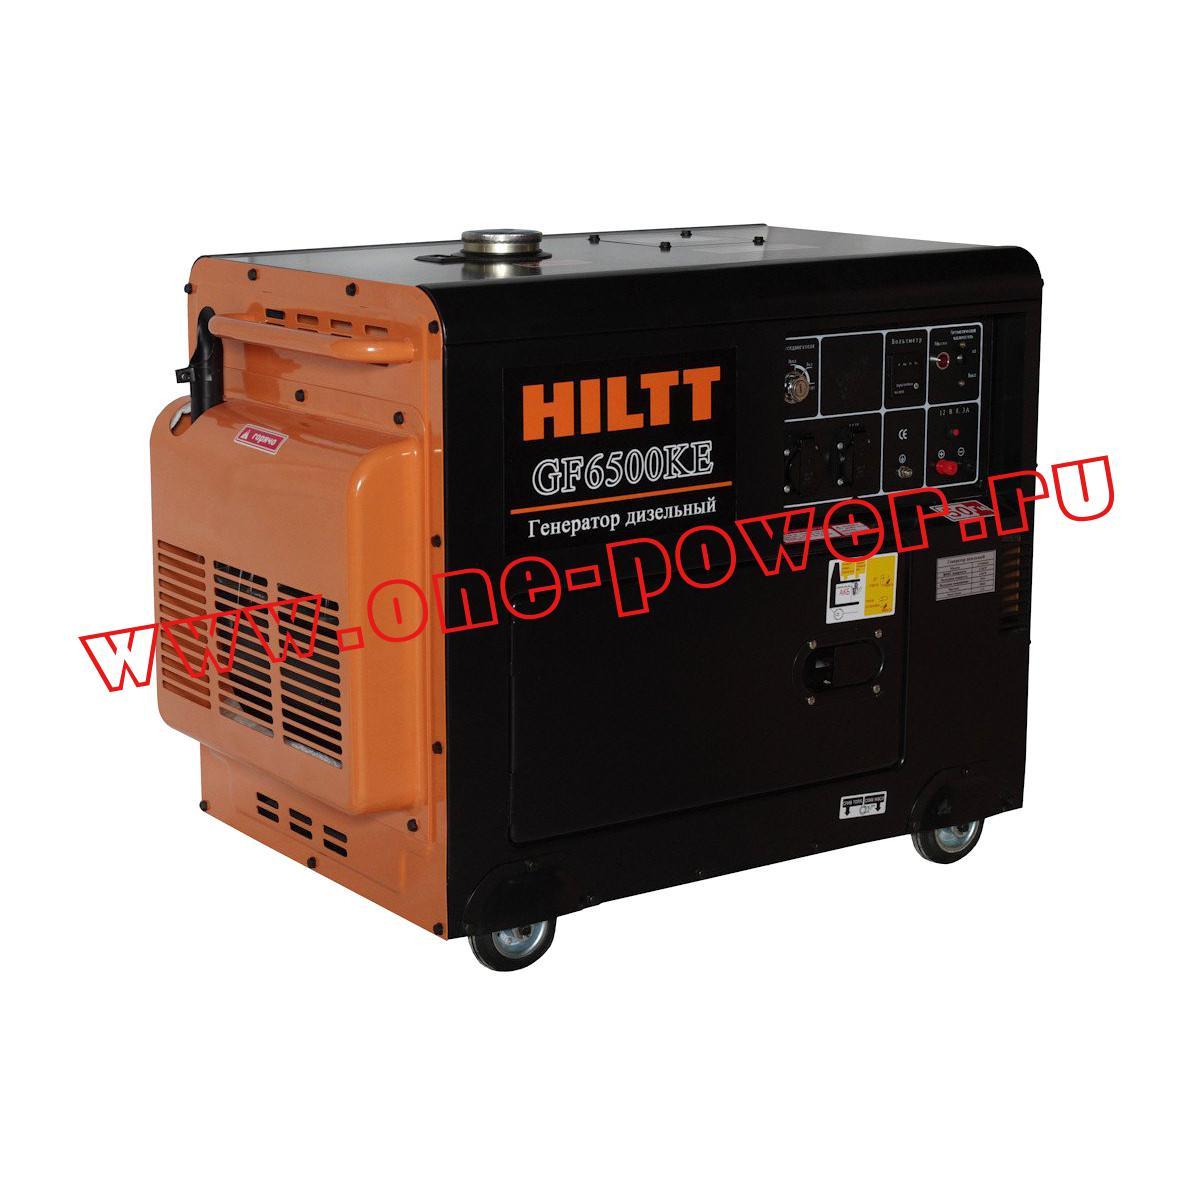 Дизель-генератор Kipor Hiltt GF6500KE